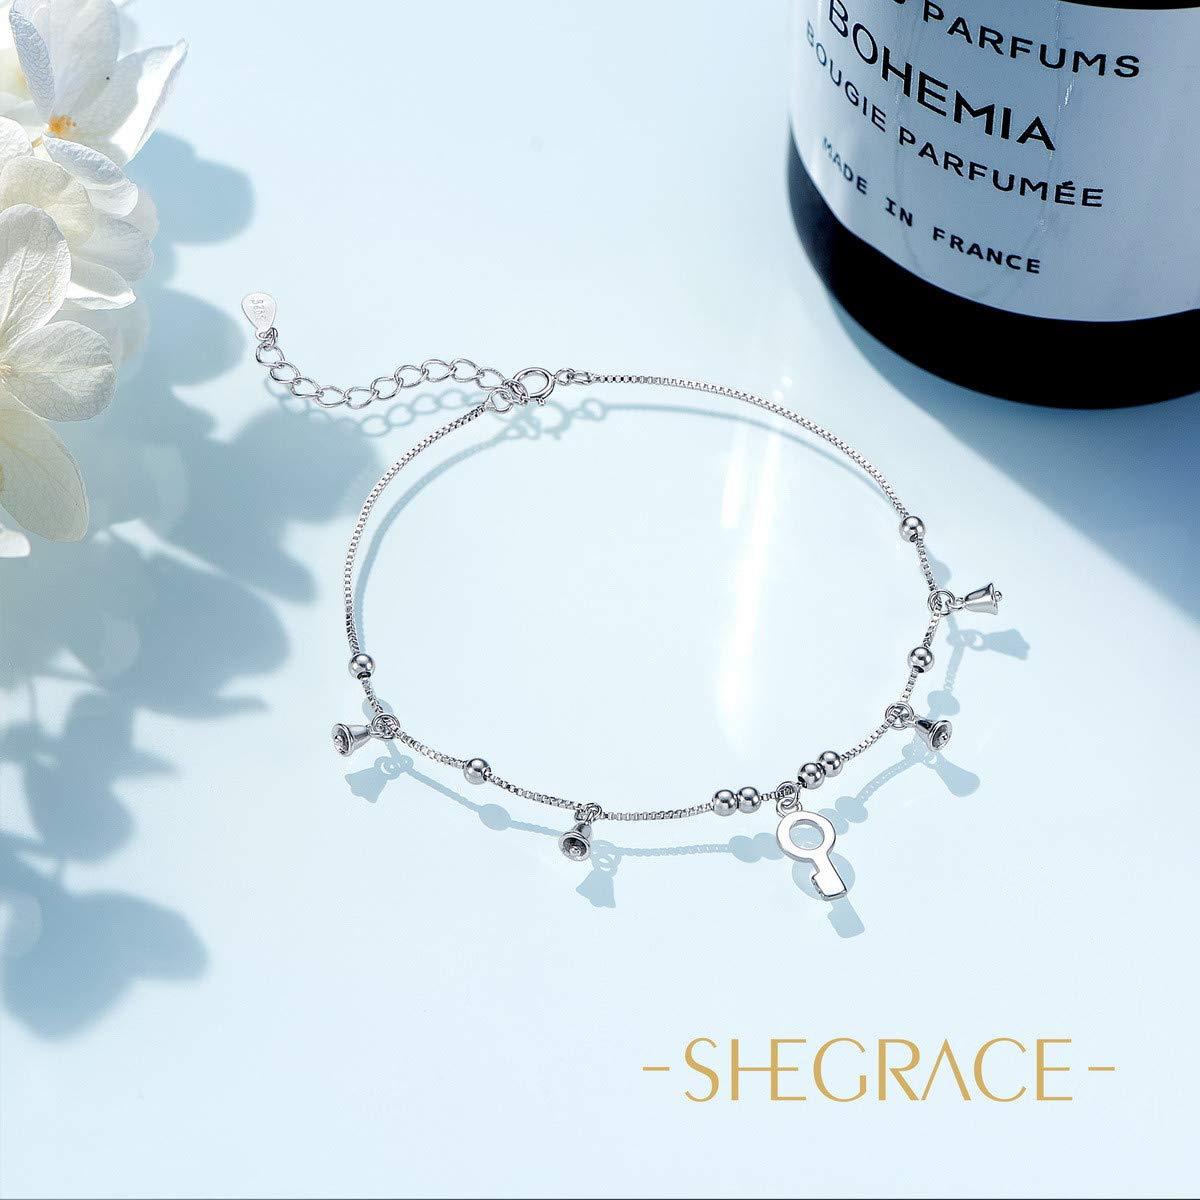 SHEGRACE Bracelet de Cheville 925 Pur Argent 925 Sterling Platine 210mm Chaine de Cheville avec Pendentif Cle et Petits Cloches mignion